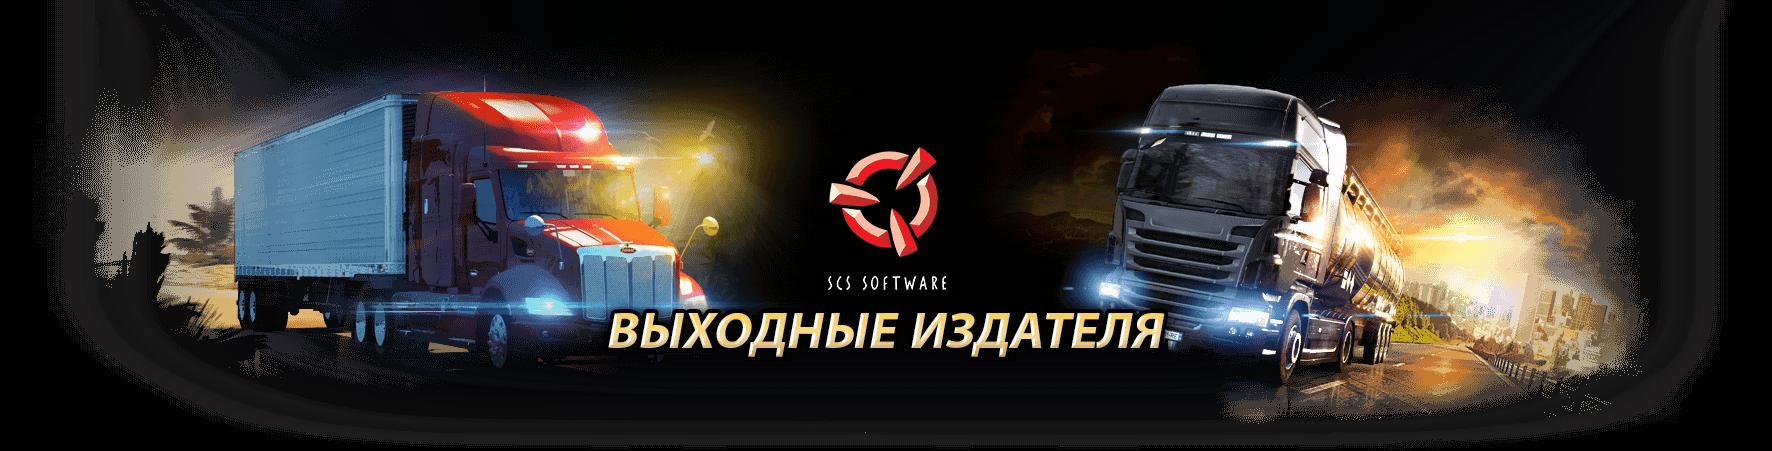 В Steam стартовали выходные издателя SCS Software